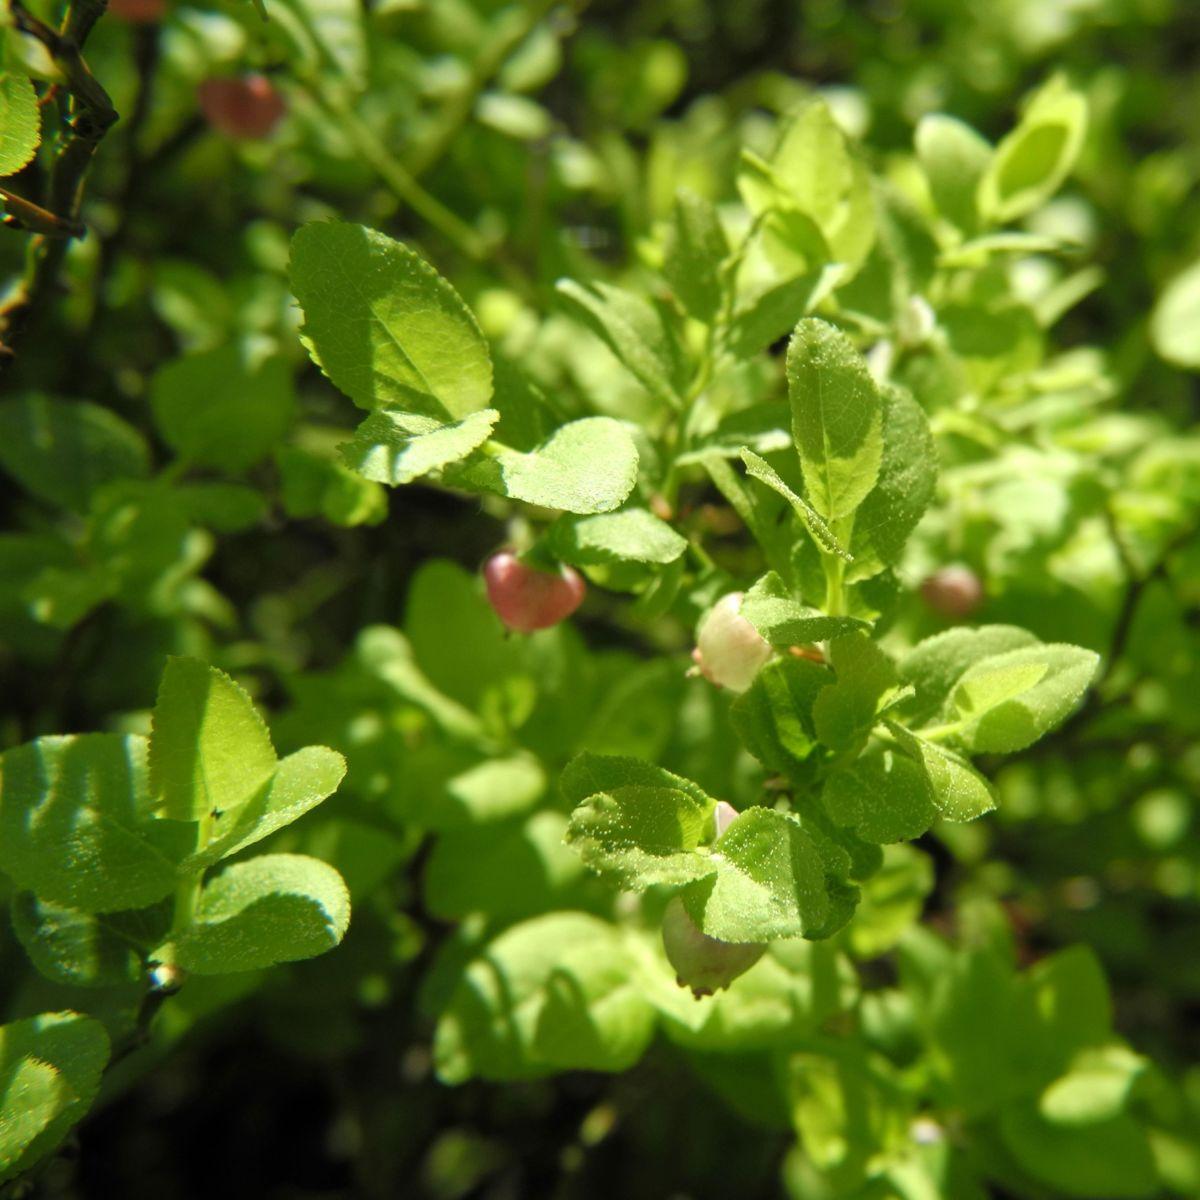 Blaubeere Bluete pink Vaccinium myrtillus